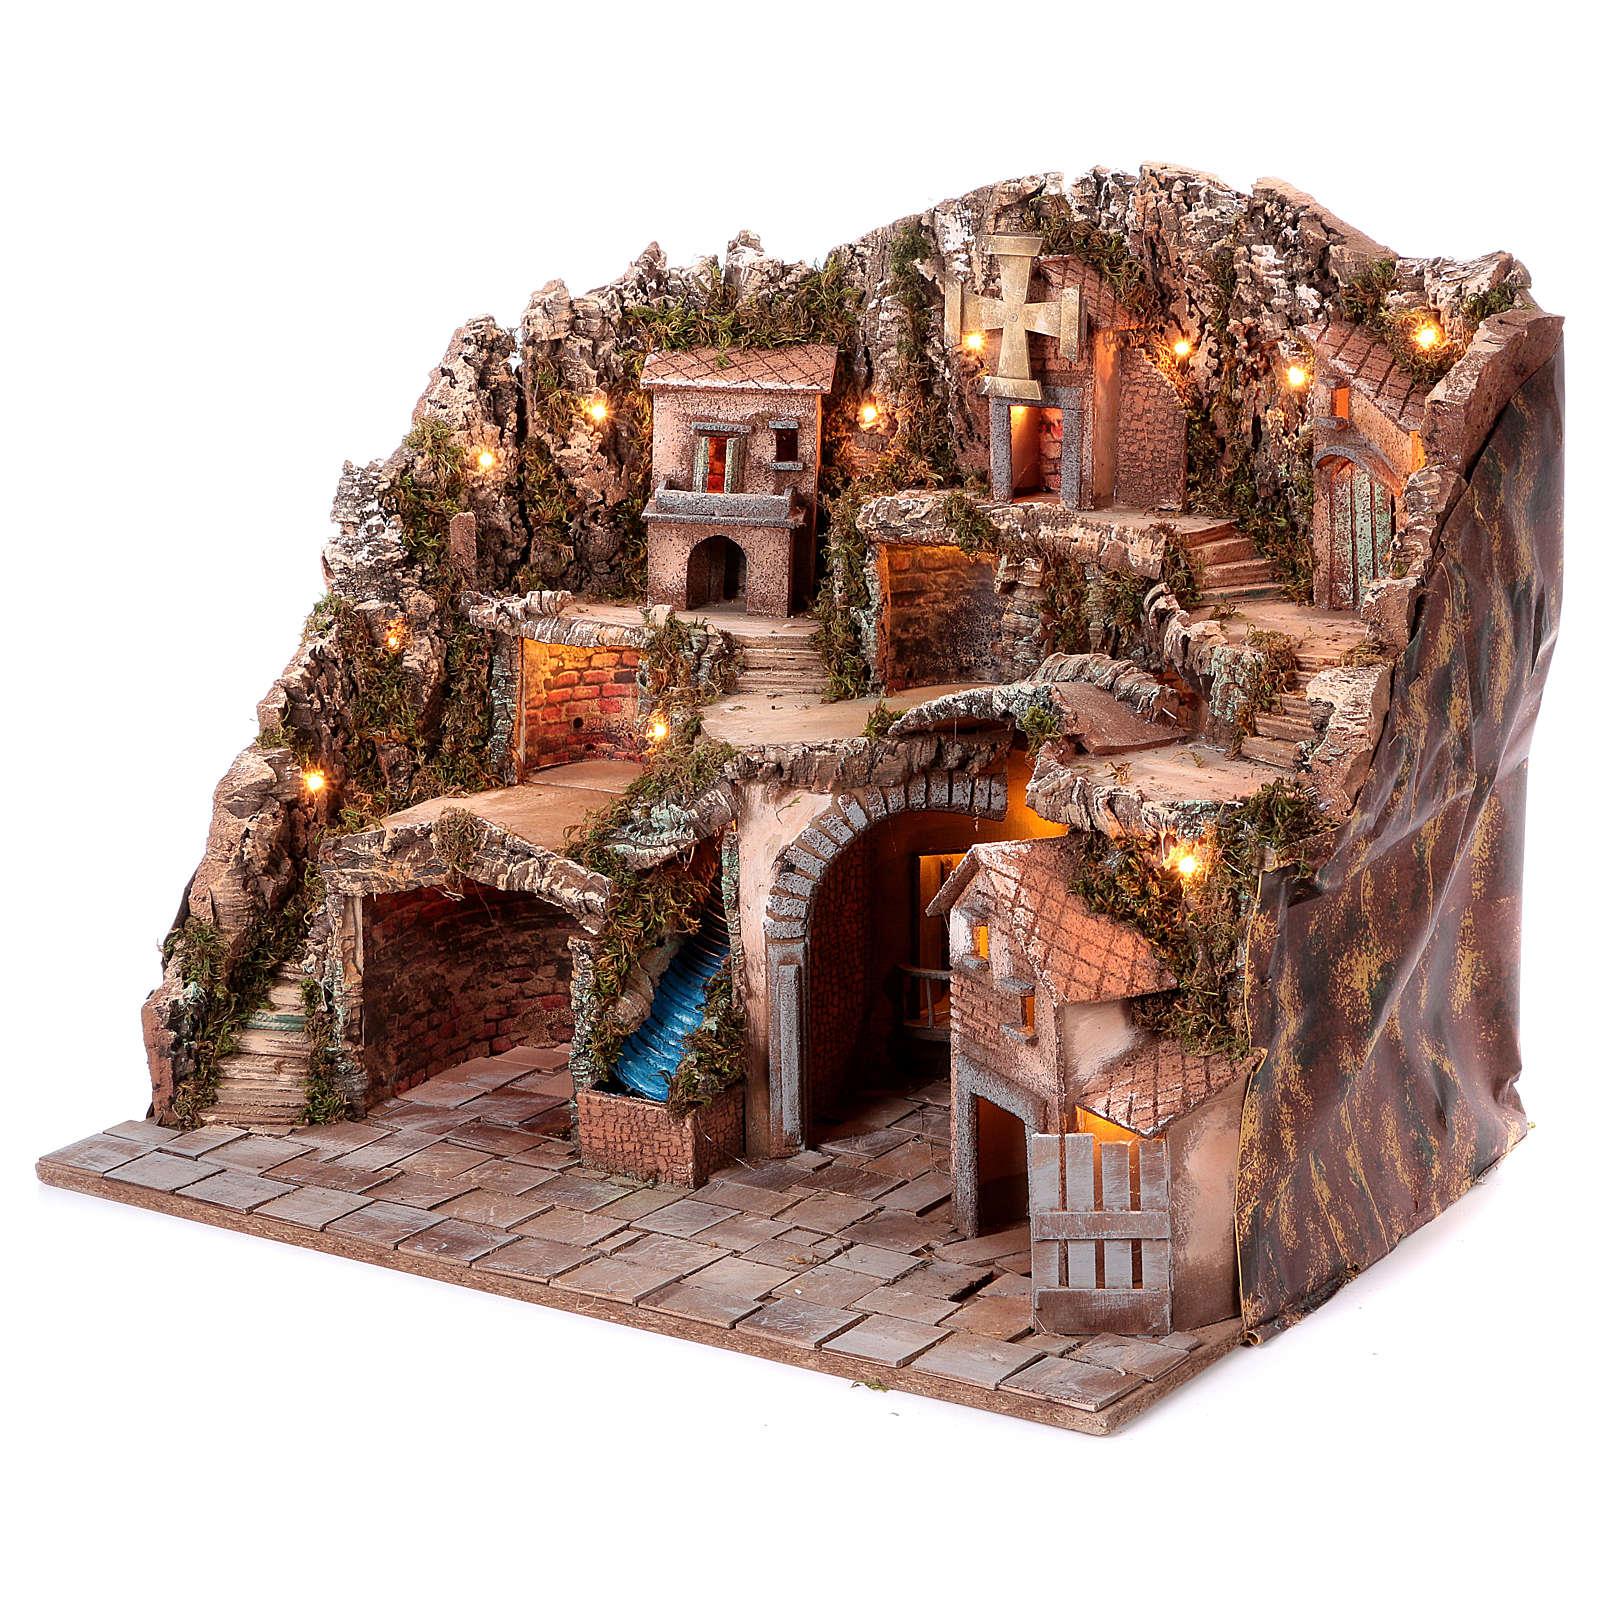 Borgo per presepe Napoletano 70x85x60 cm 4